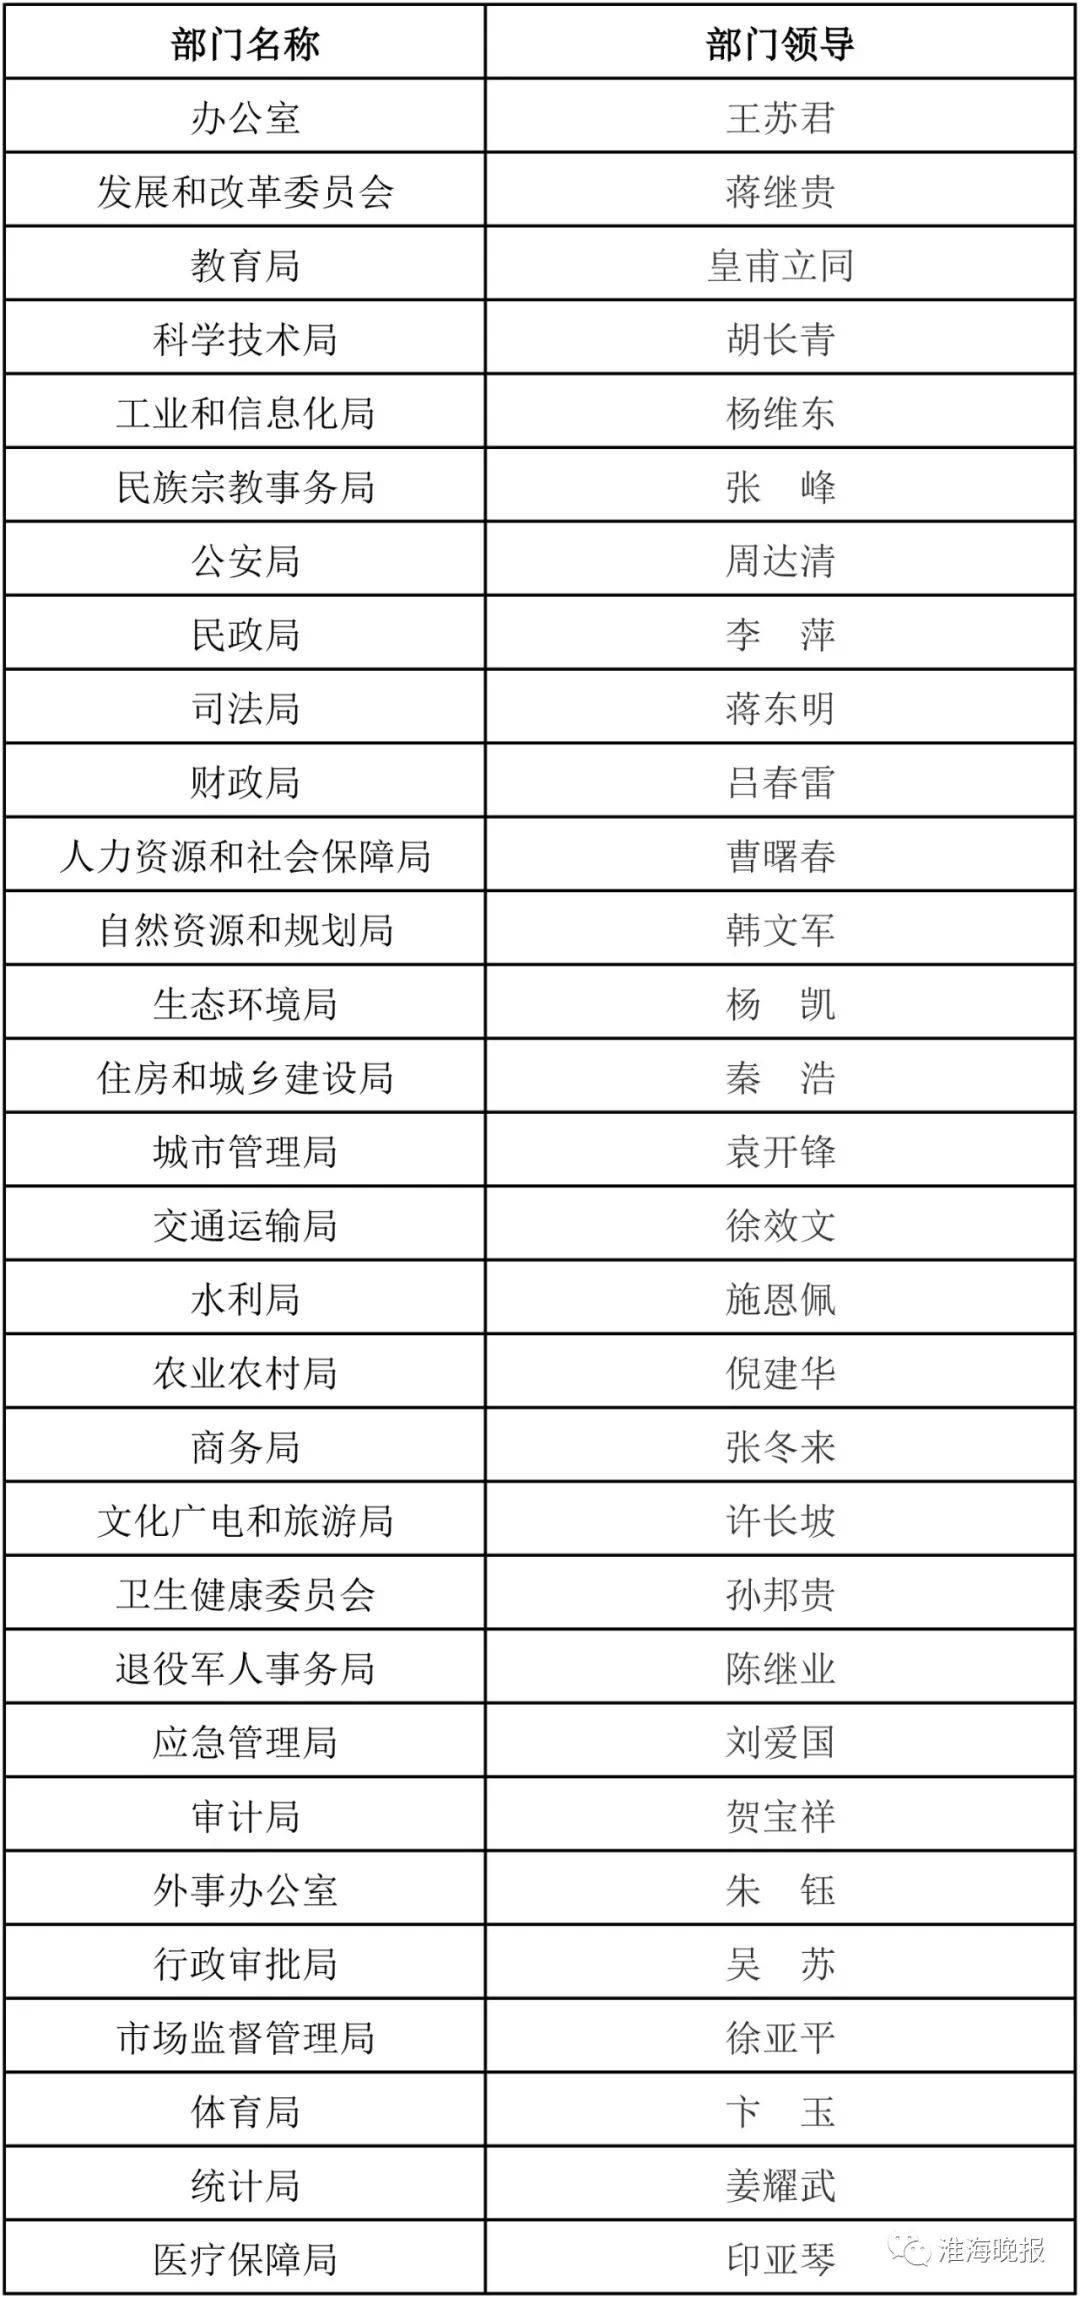 米乐M6官网登录- 市政府事情部门及向导宣布!(图2)